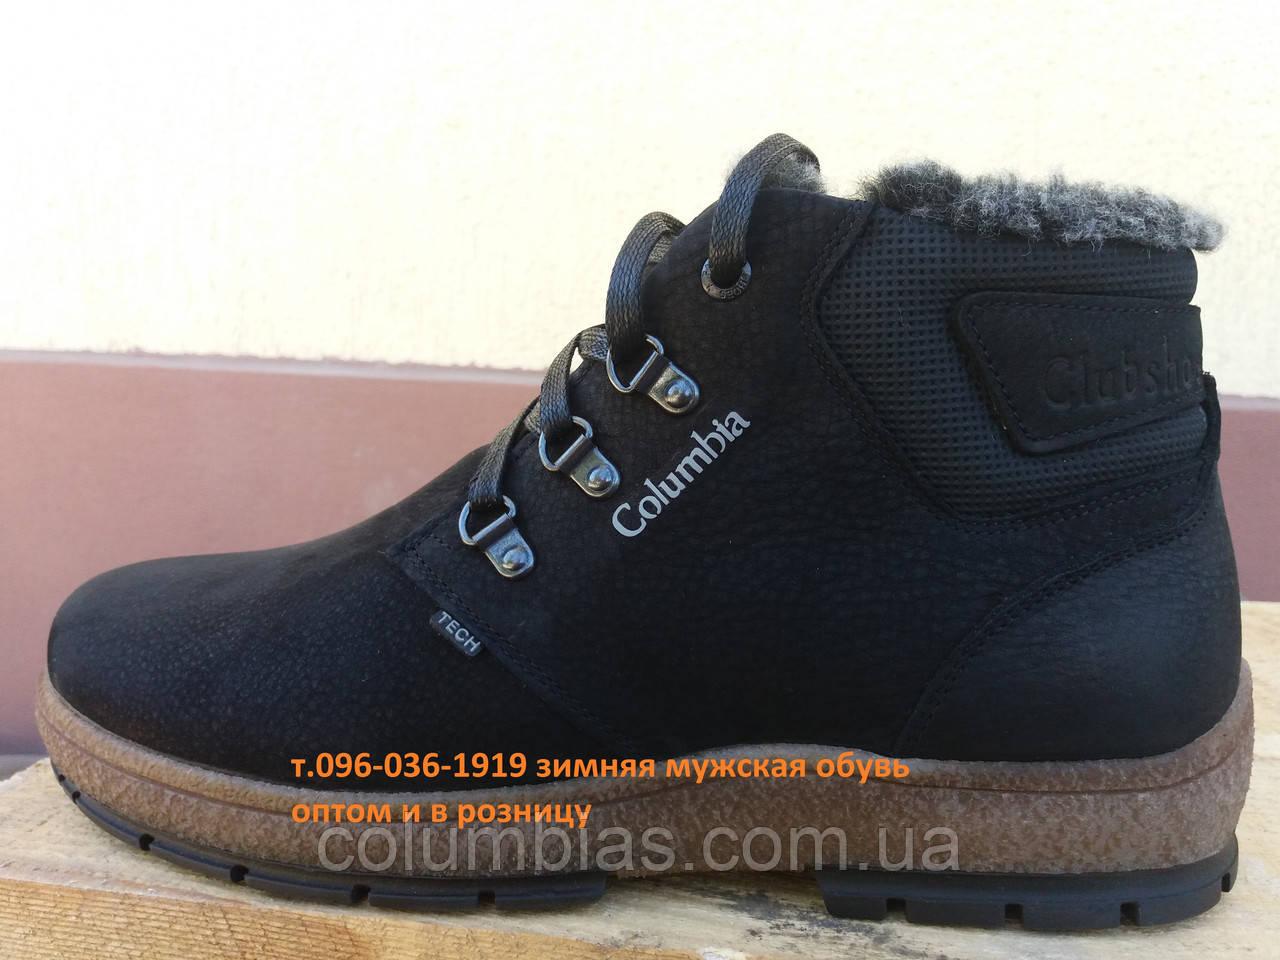 Мужская зимняя обувь columbia   продажа, цена в Днепропетровской ... 868eb5d146a